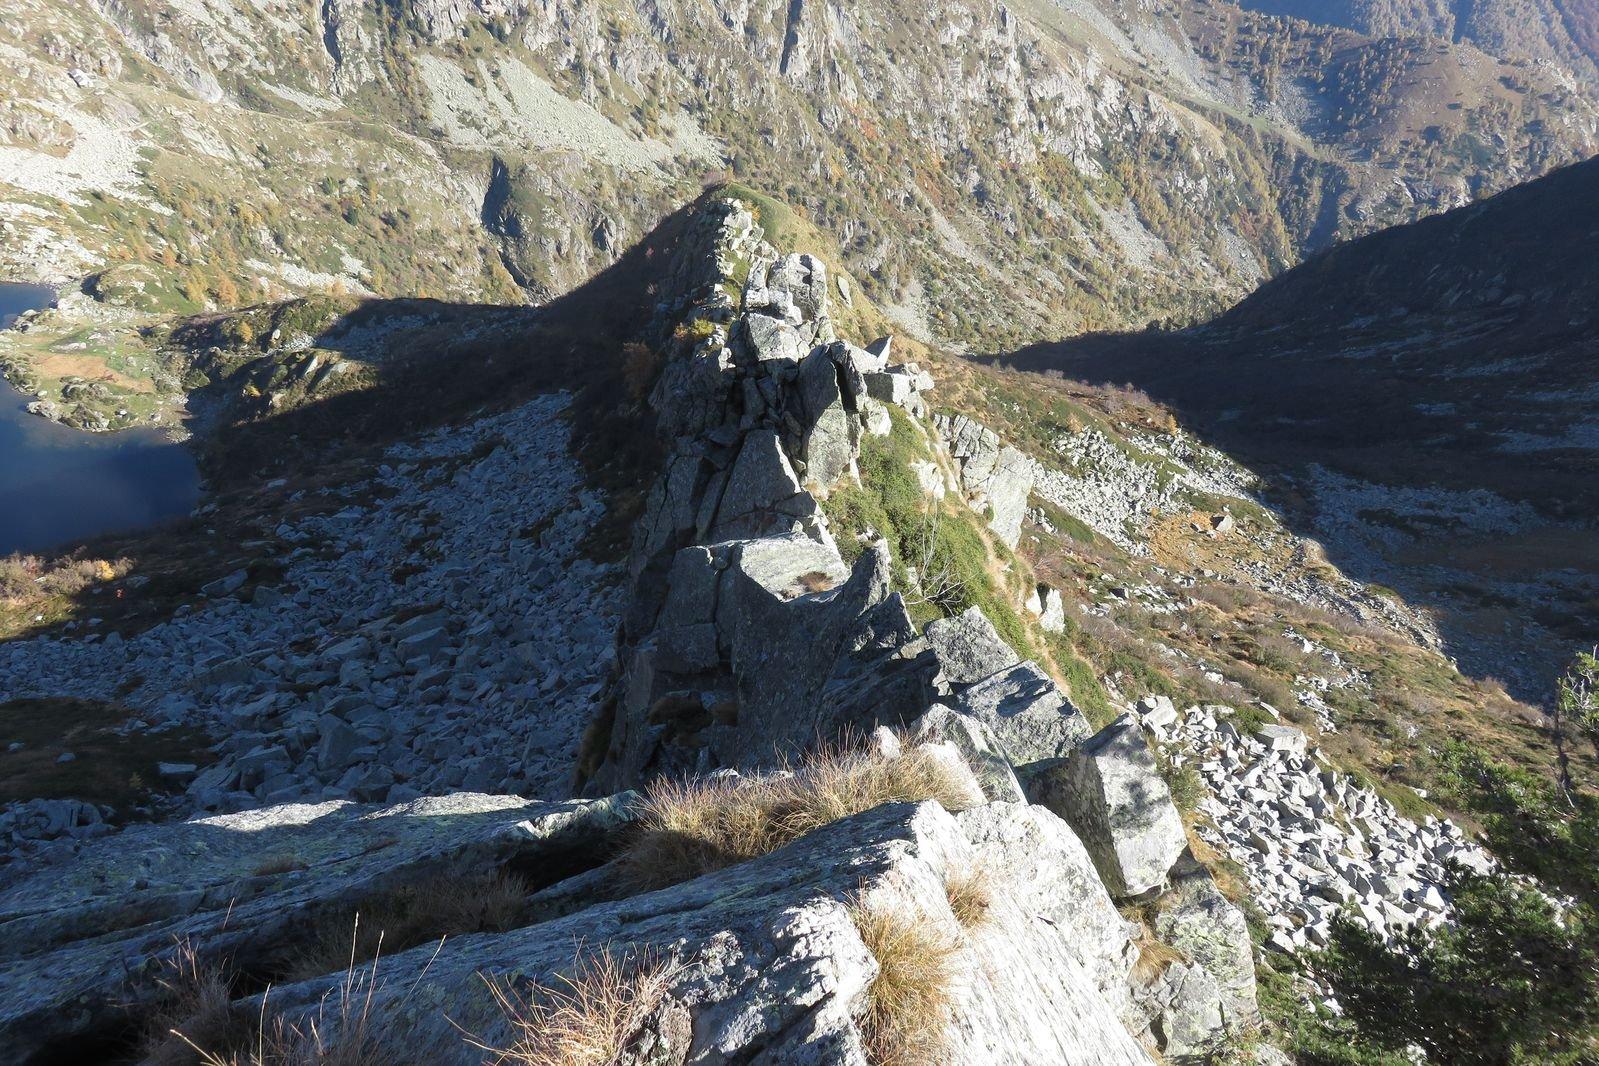 Cresto (Monte) traversata Cresta NE (Canabà) - Passo delle Tote, da Piedicavallo 2018-10-19